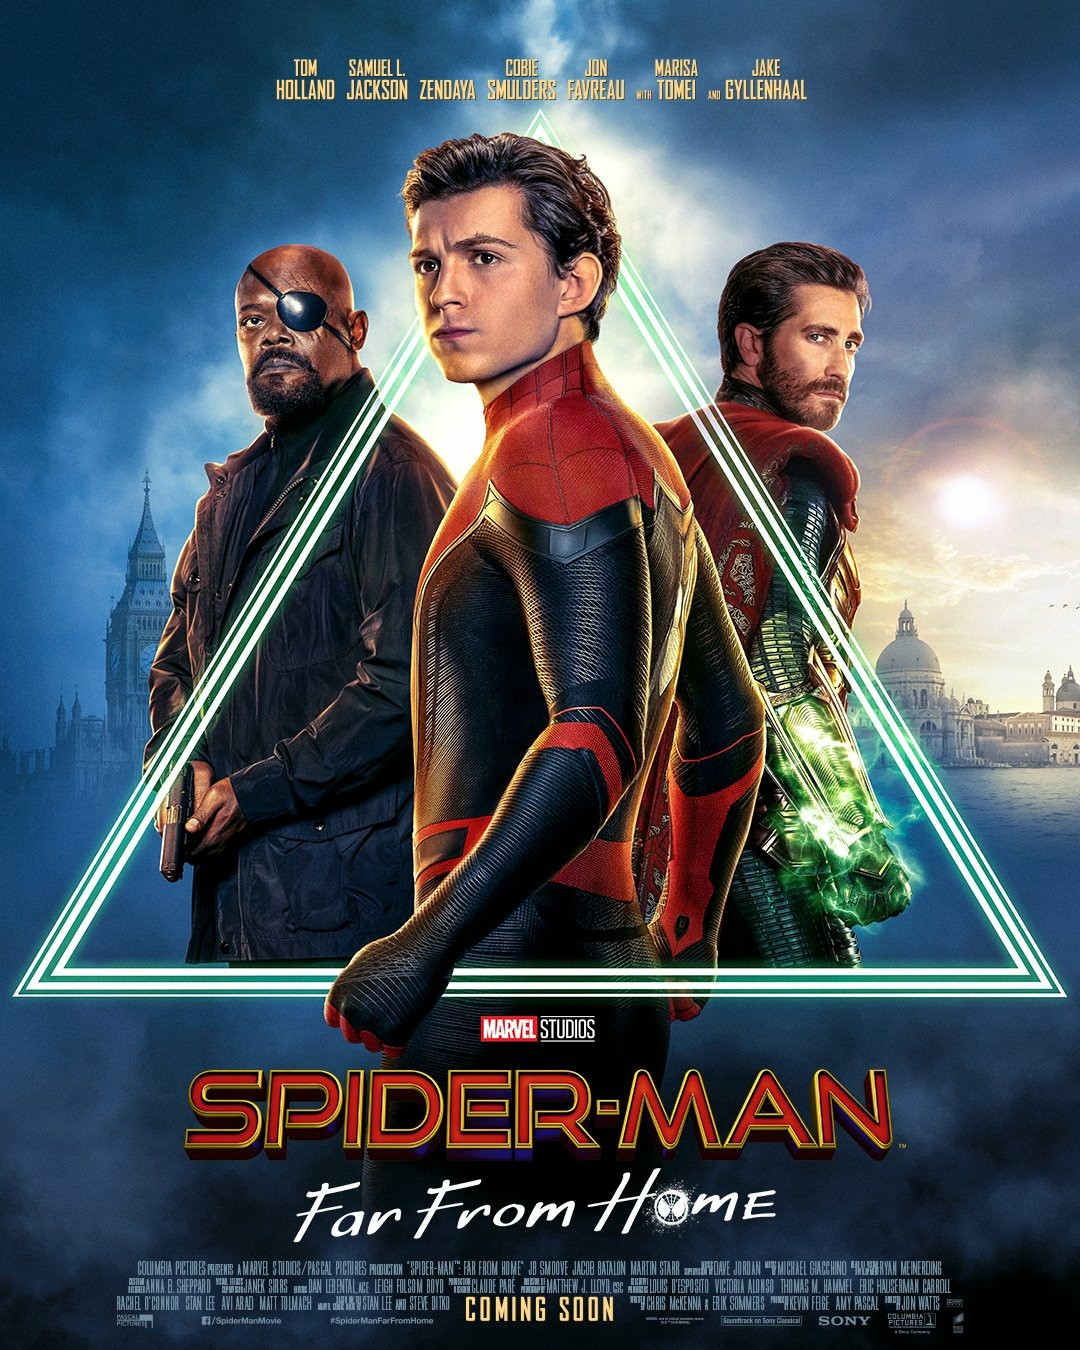 """Hoá ra lý do Spider Man phải """"dạt nhà"""" vào tháng 7 là vì Annabelle gõ cửa - Ảnh 4."""